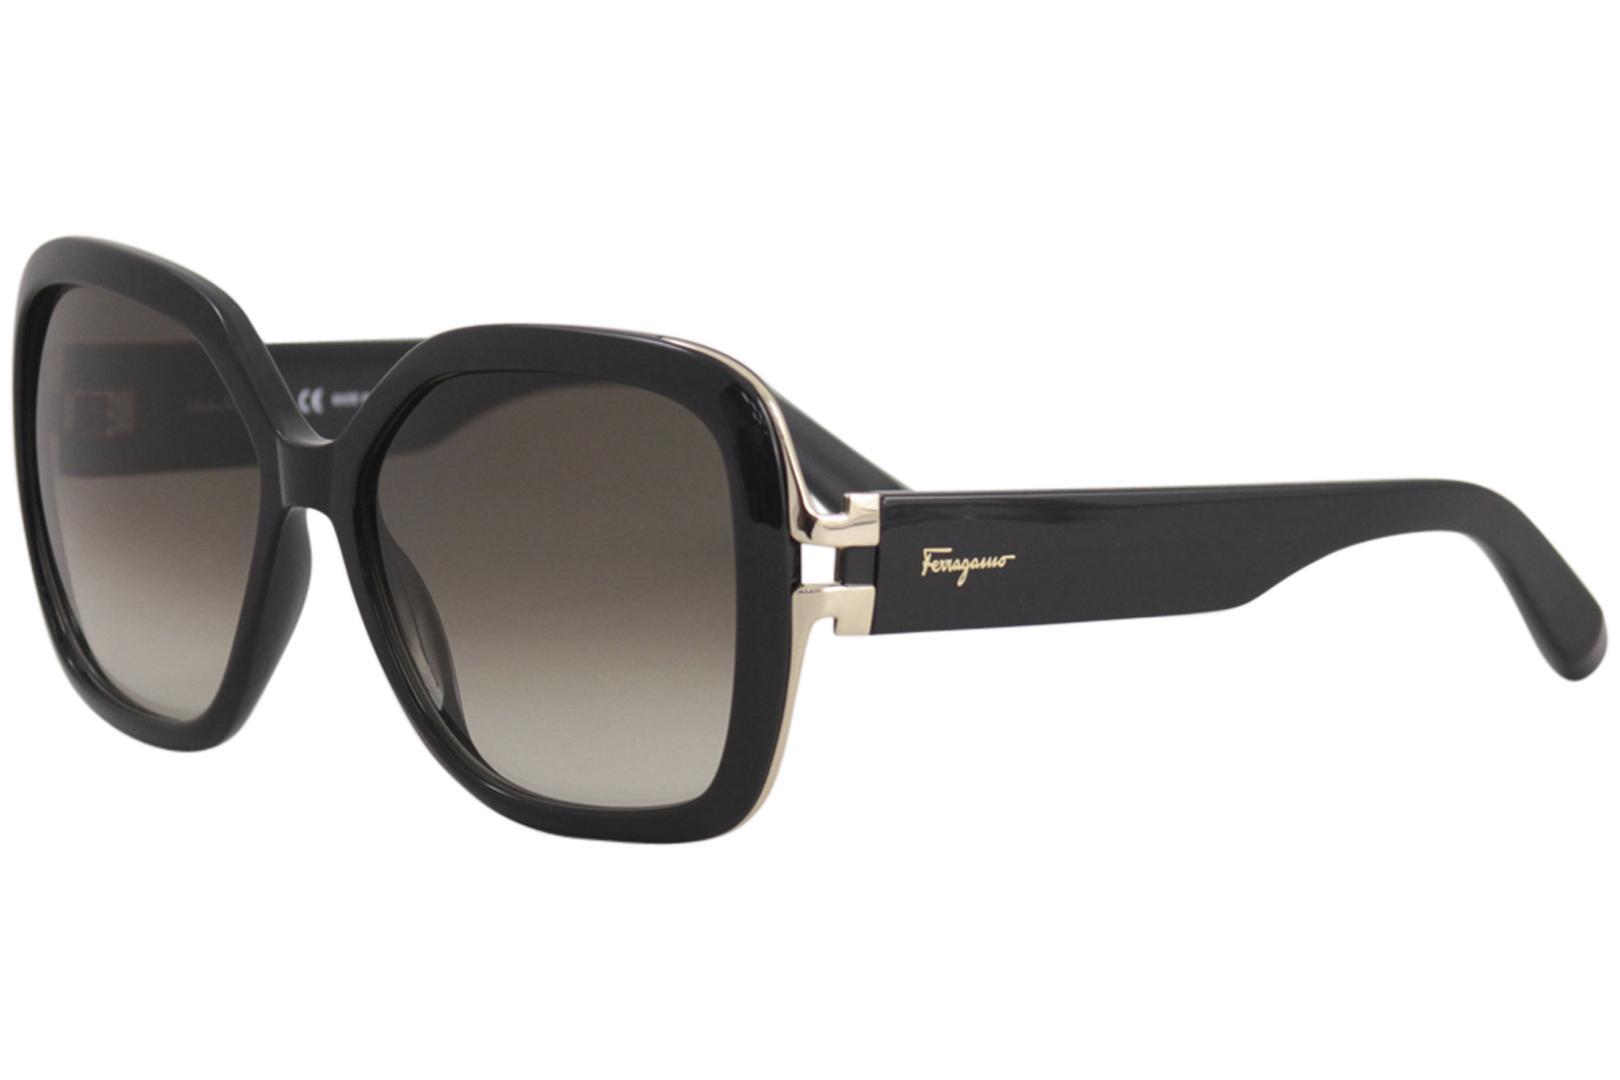 8dd7b834d0d Salvatore Ferragamo Women s SF781S SF 781 S Fashion Square Sunglasses by Salvatore  Ferragamo